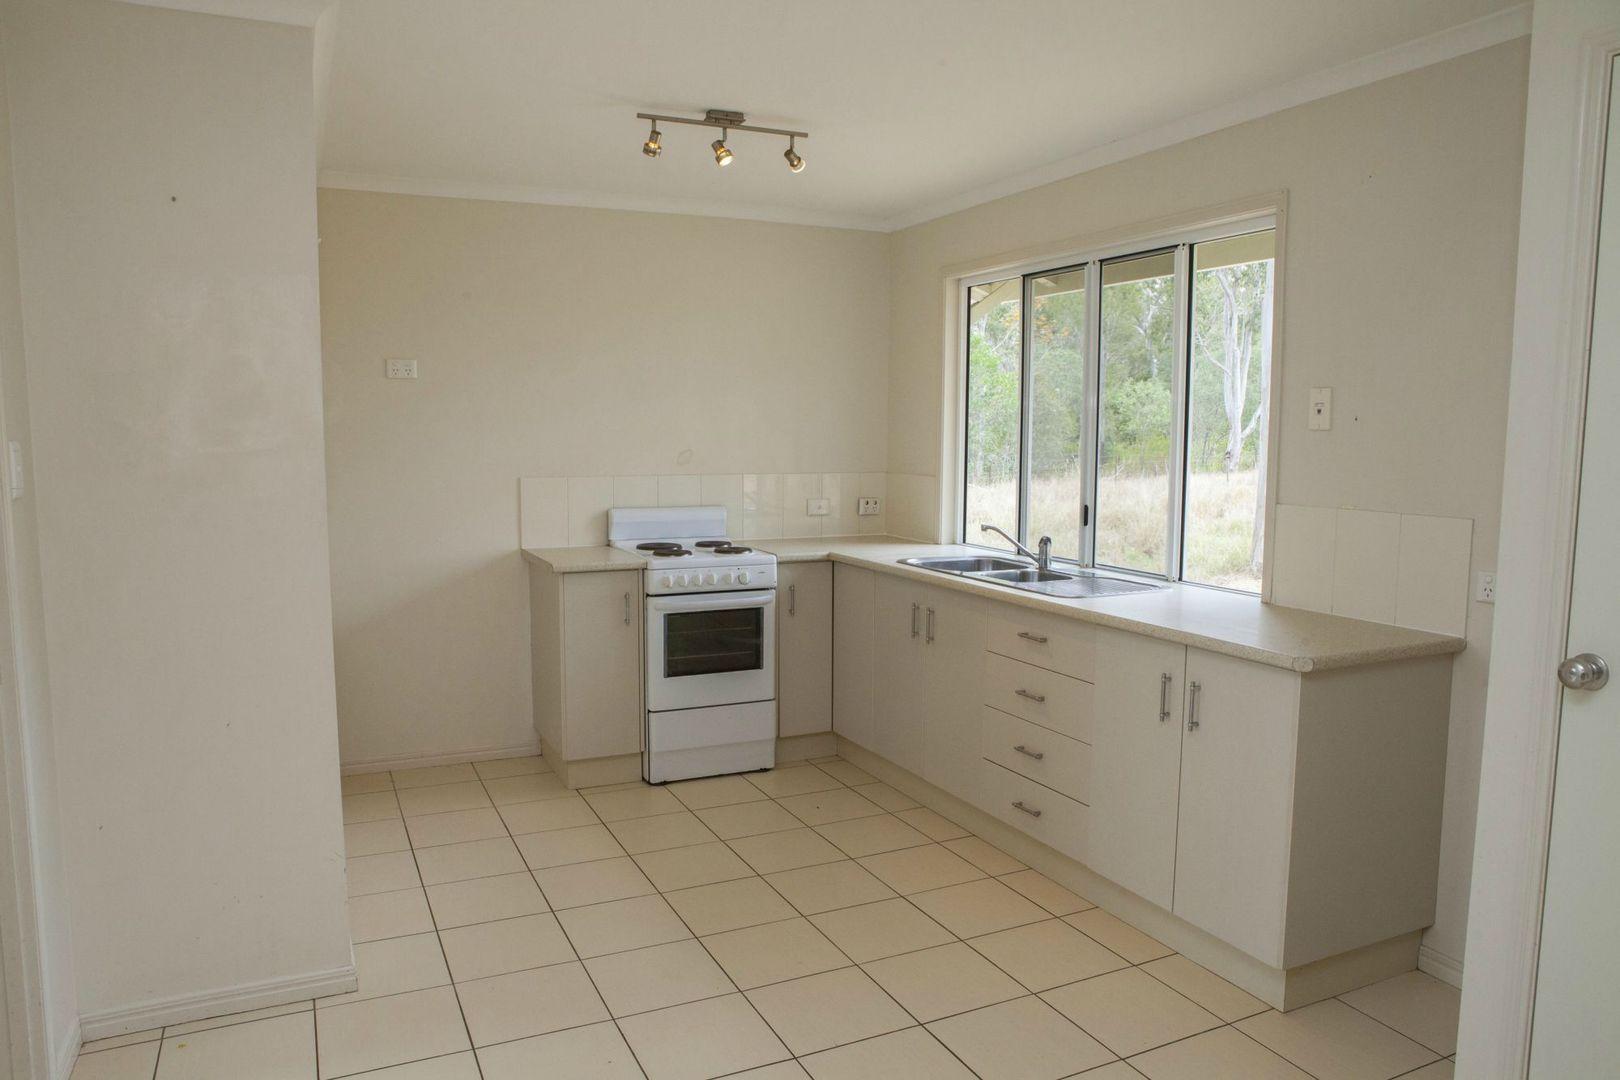 15 RIVER Street, Tiaro QLD 4650, Image 1